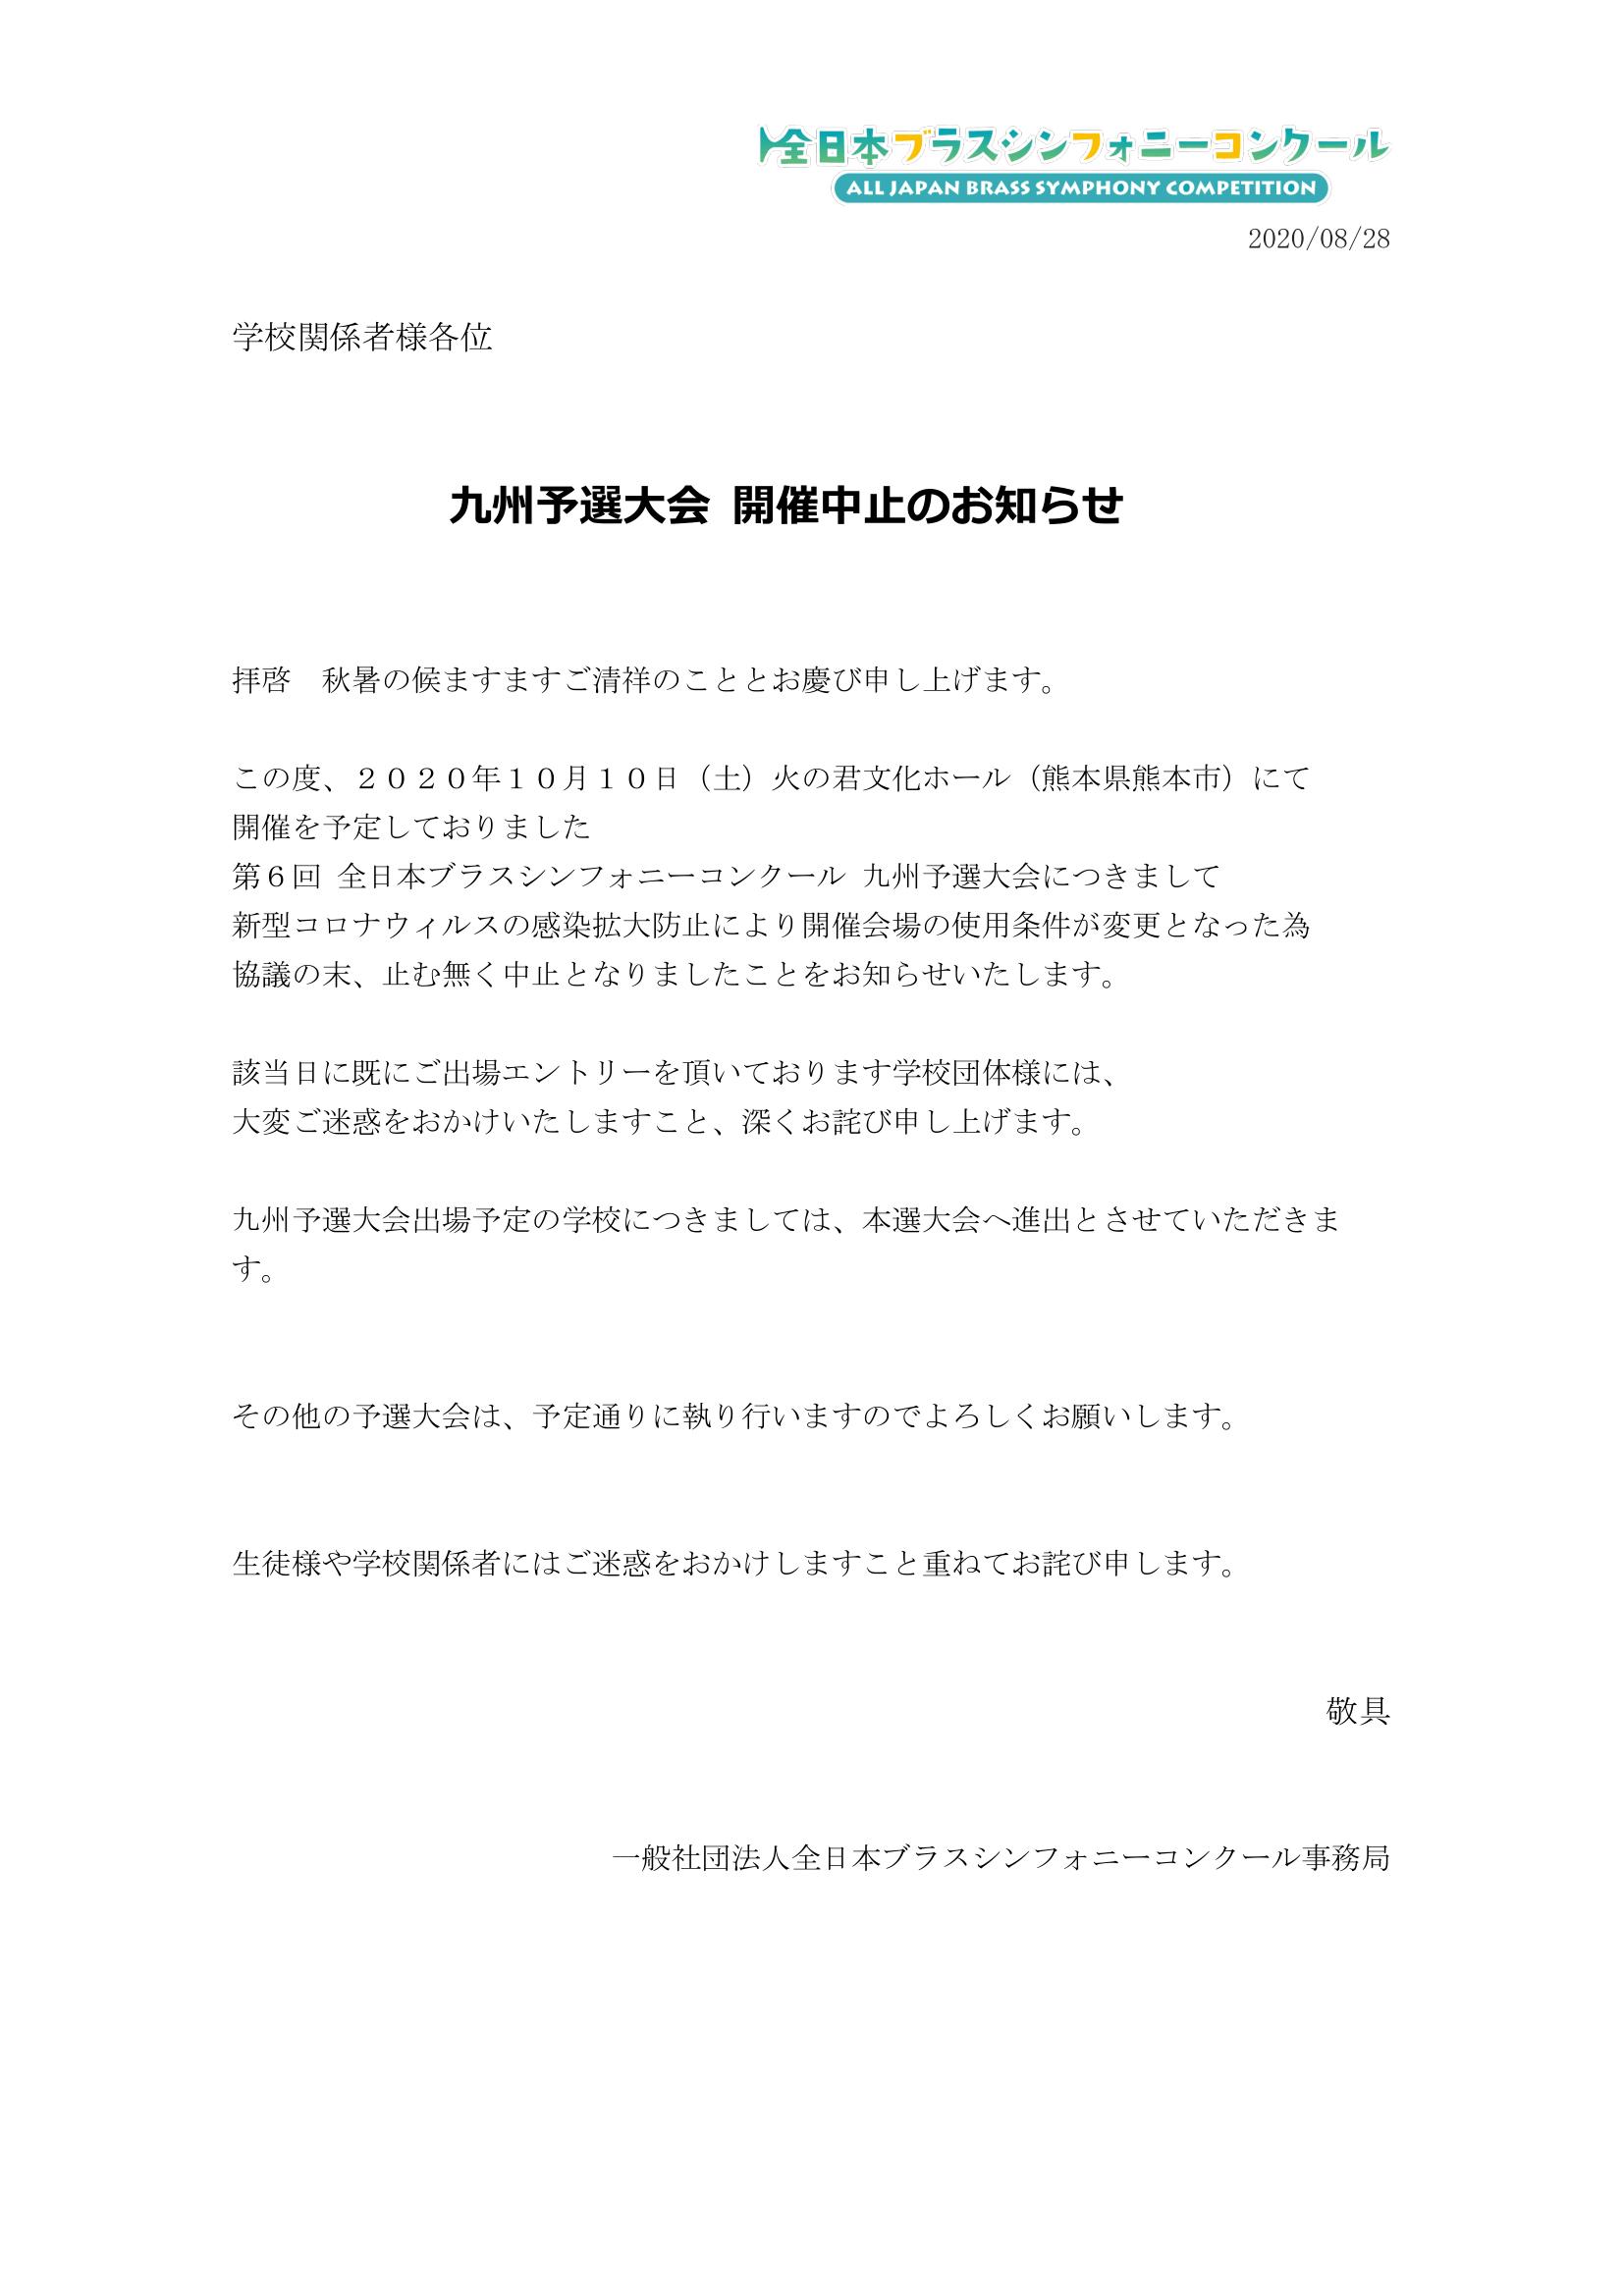 九州予選大会中止について